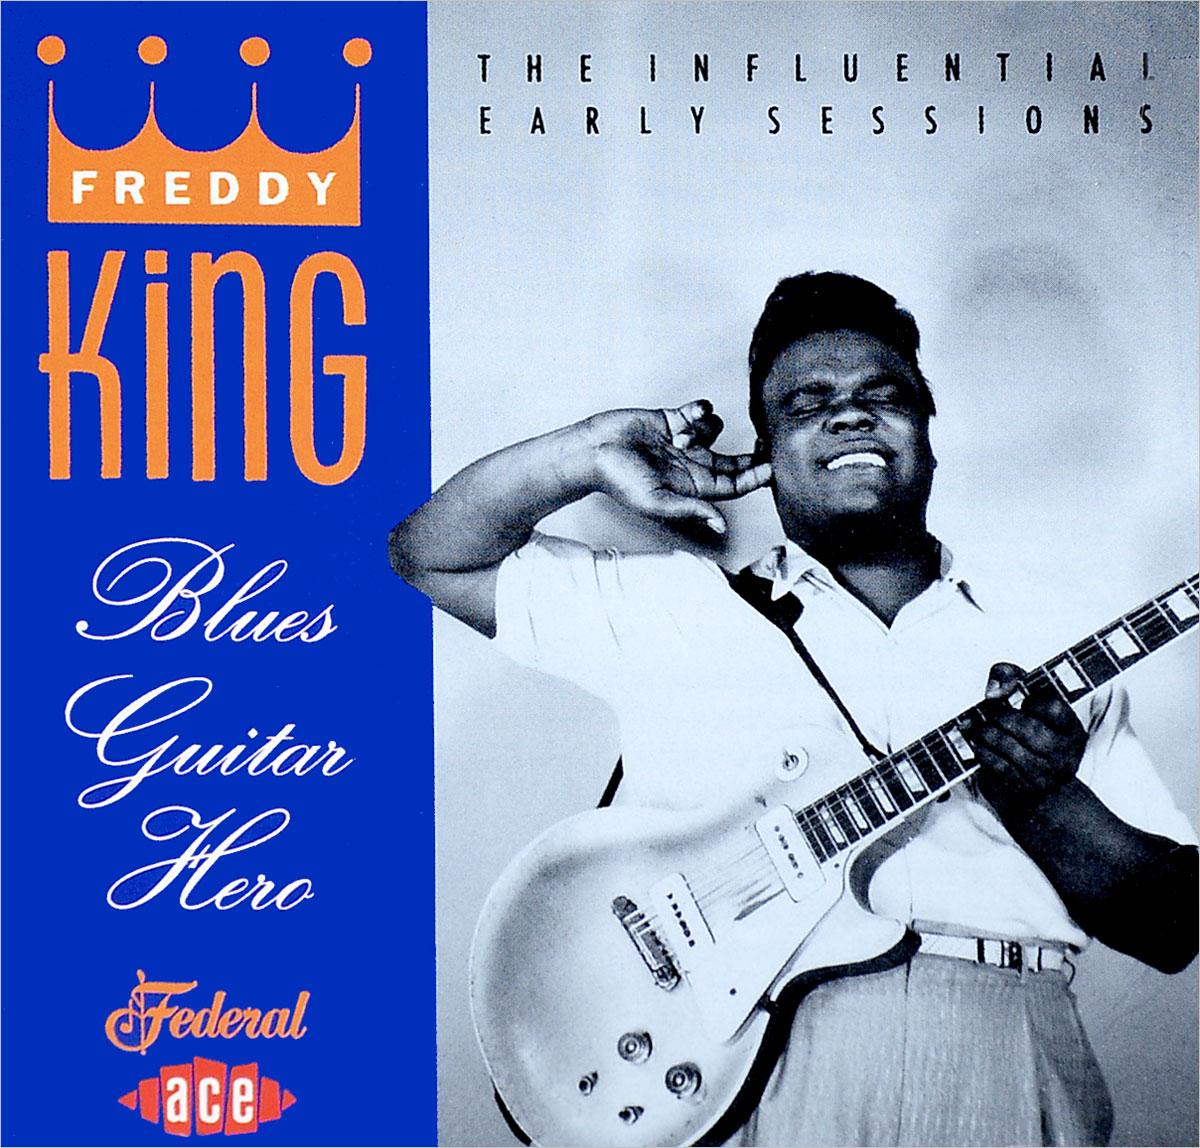 купить Фредди Кинг Freddy King. Blues Guitar Hero дешево